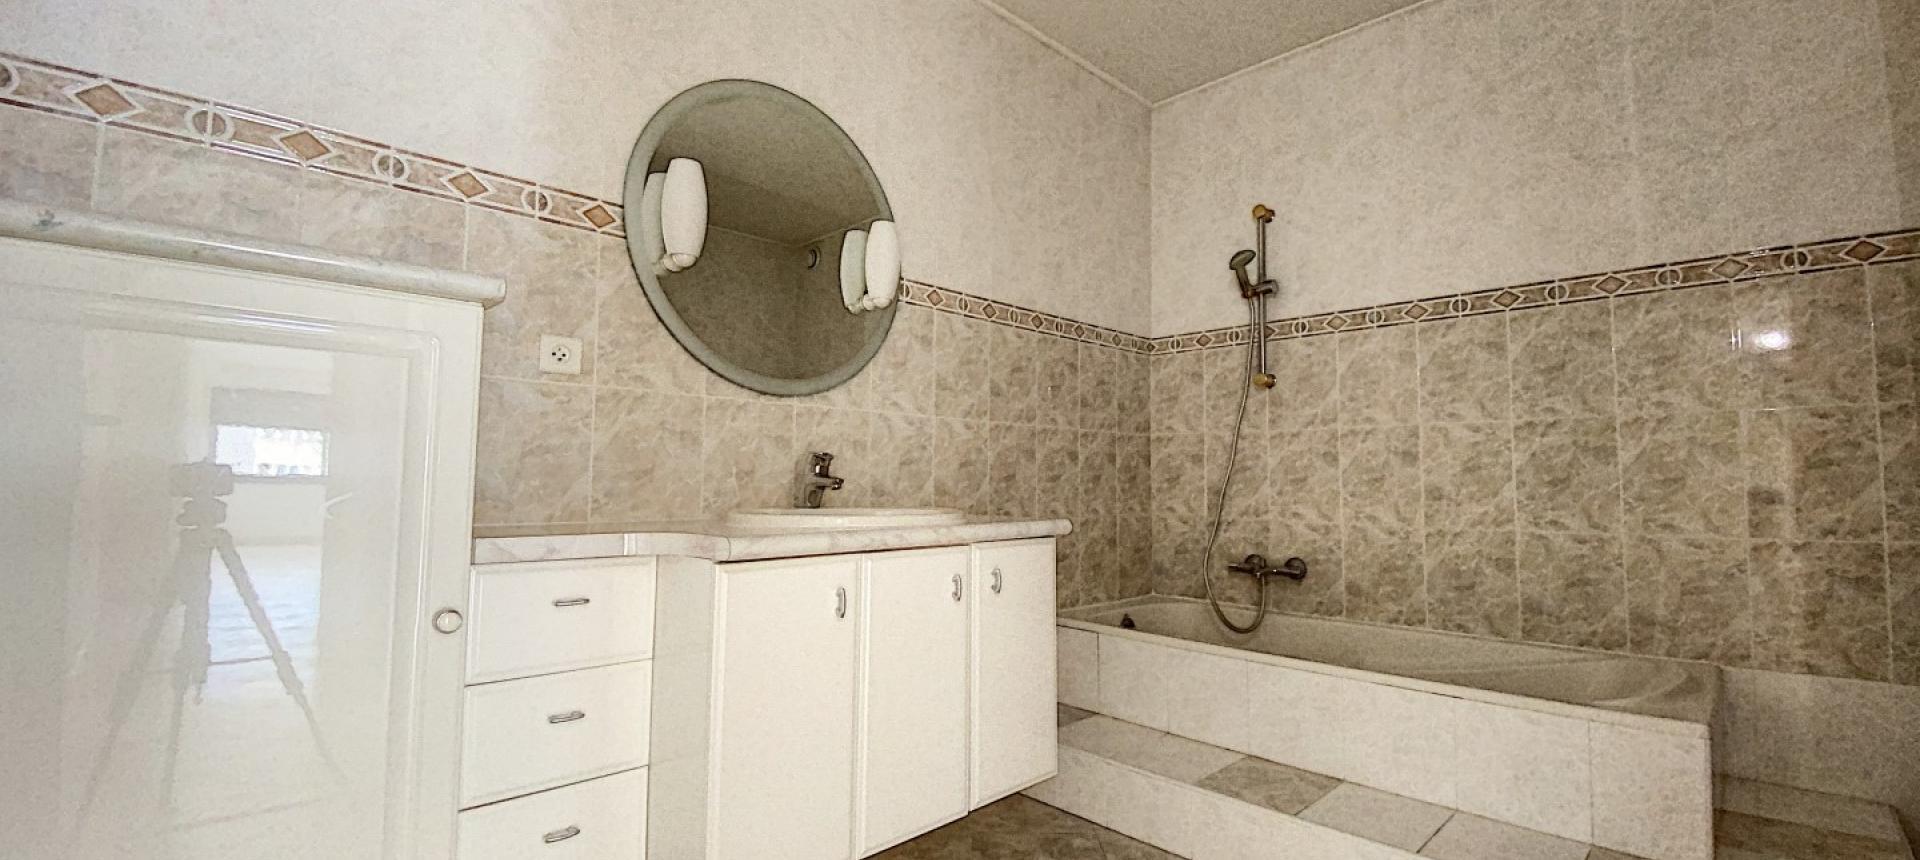 F3 Quartier des étrangers Ajaccio - Salle de bain